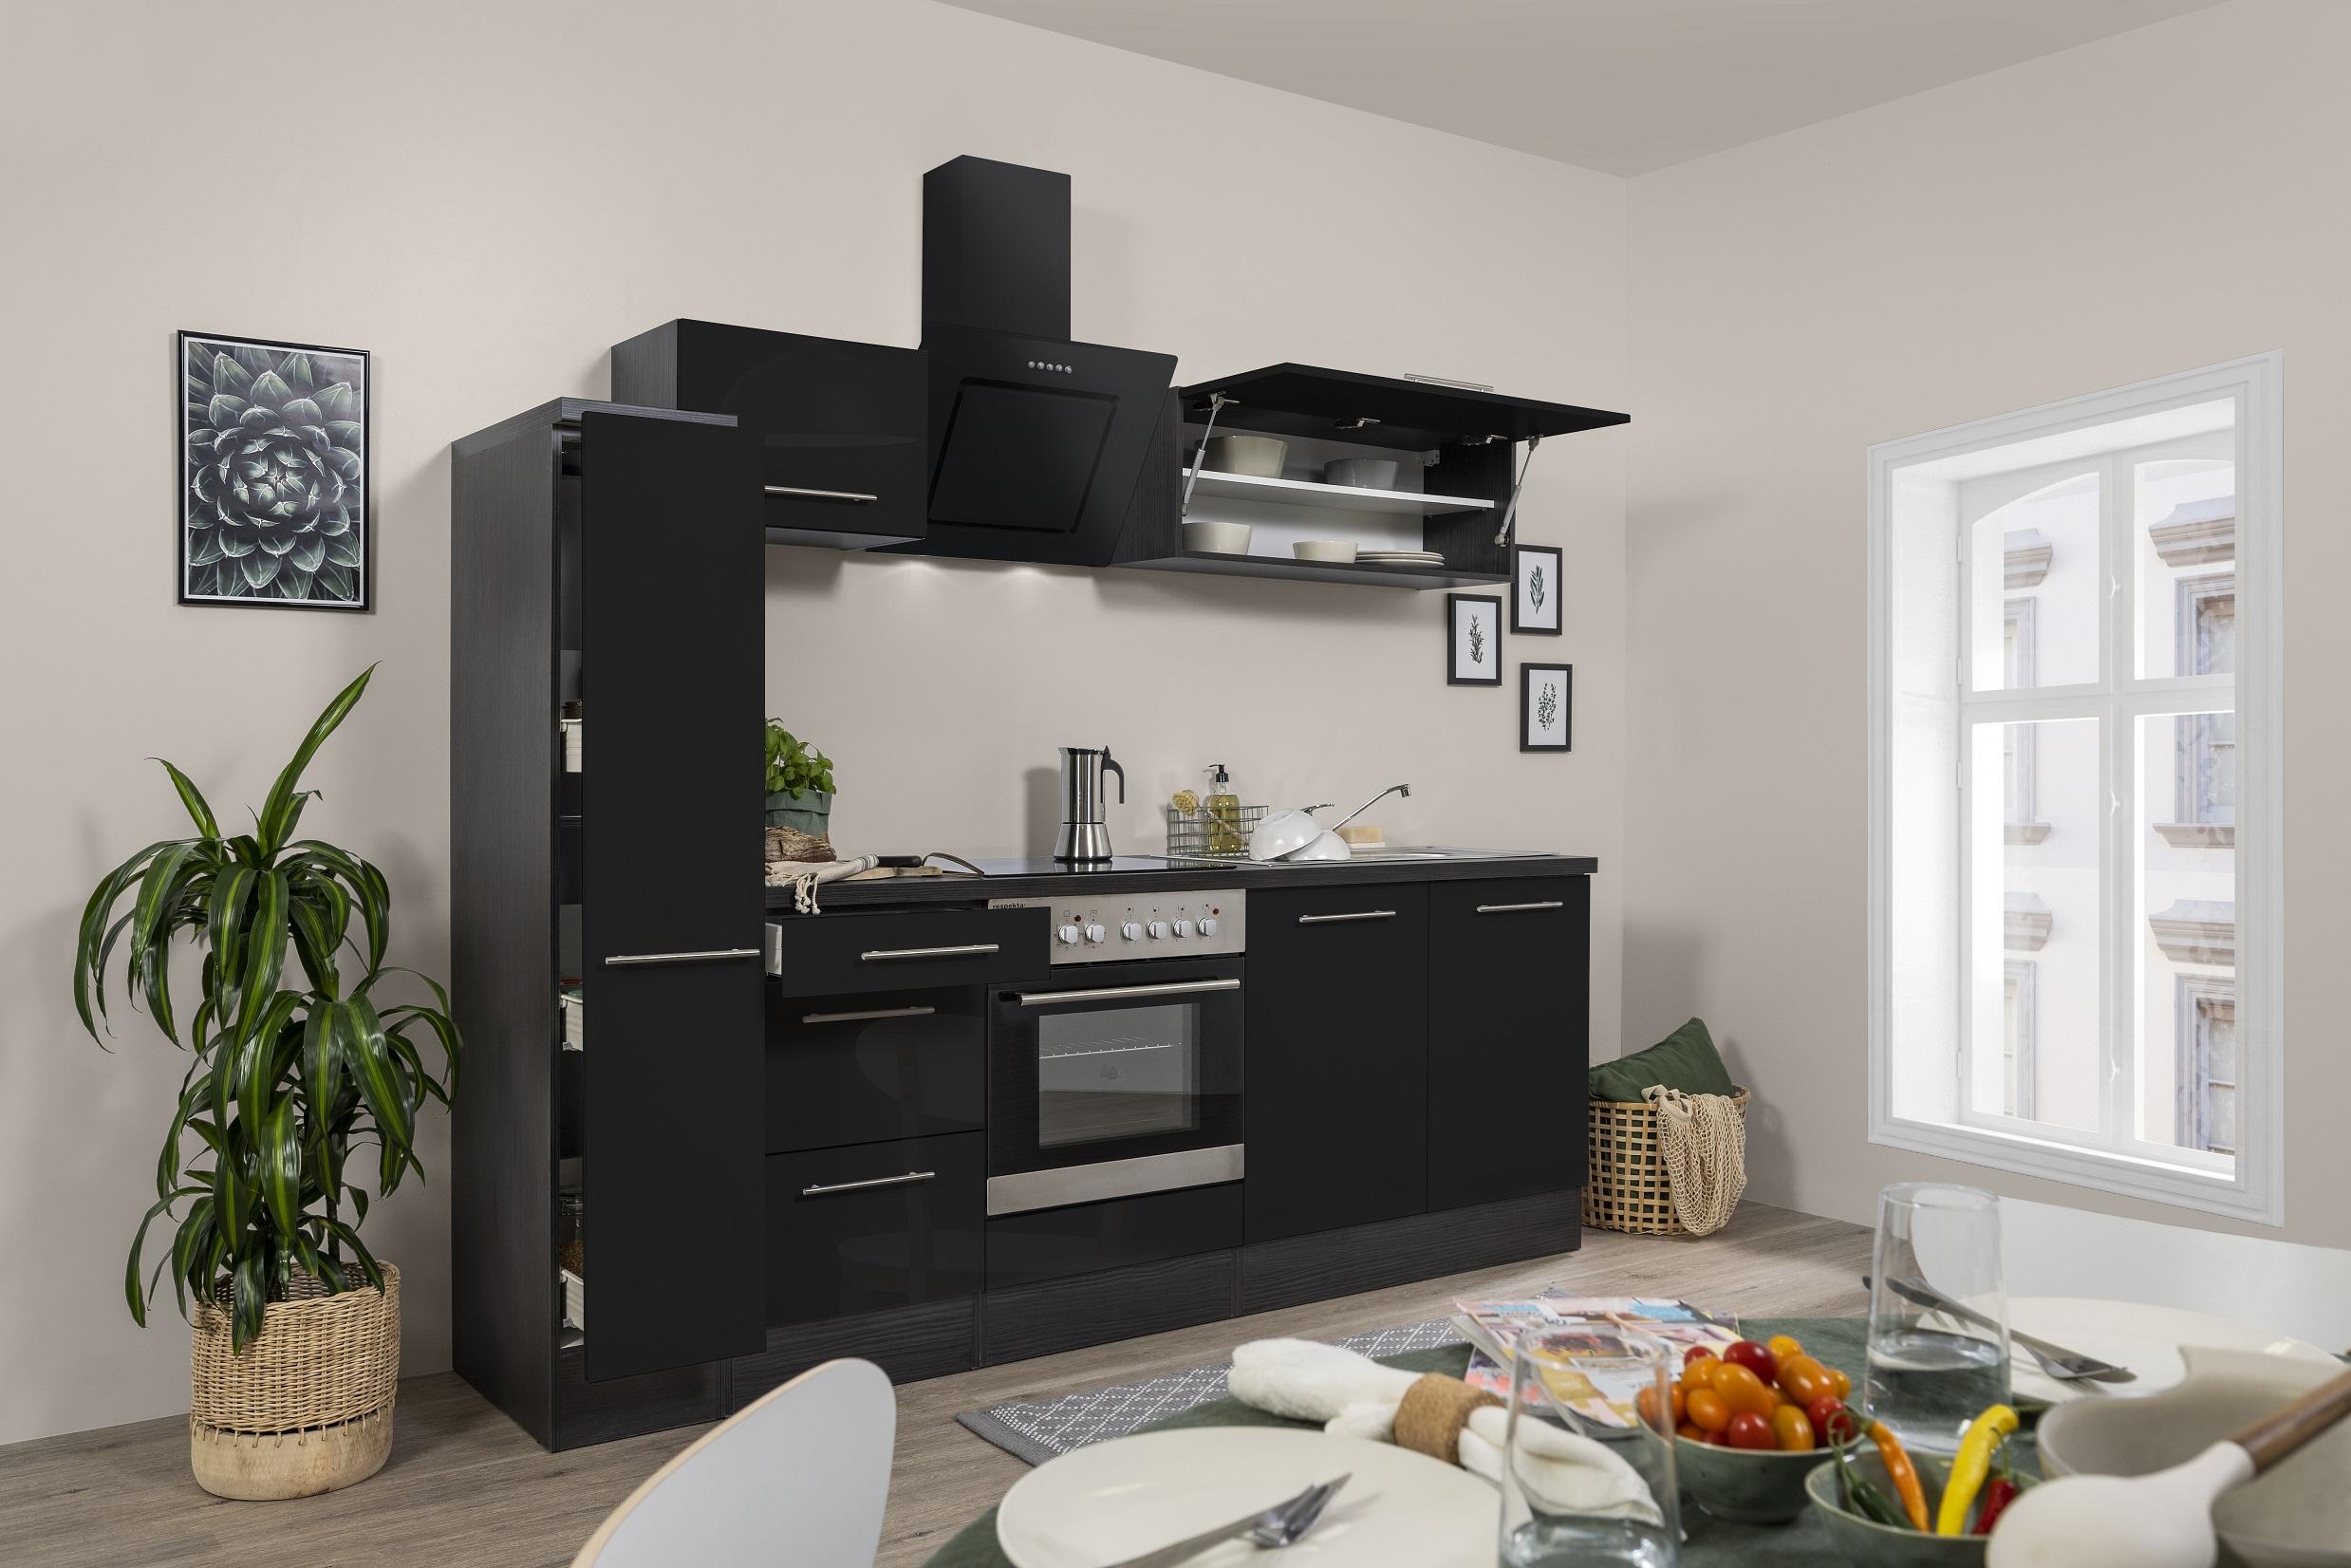 respekta Küchenzeile Küche Küchenblock Einbauküche Hochglanz 240cm Eiche schwarz